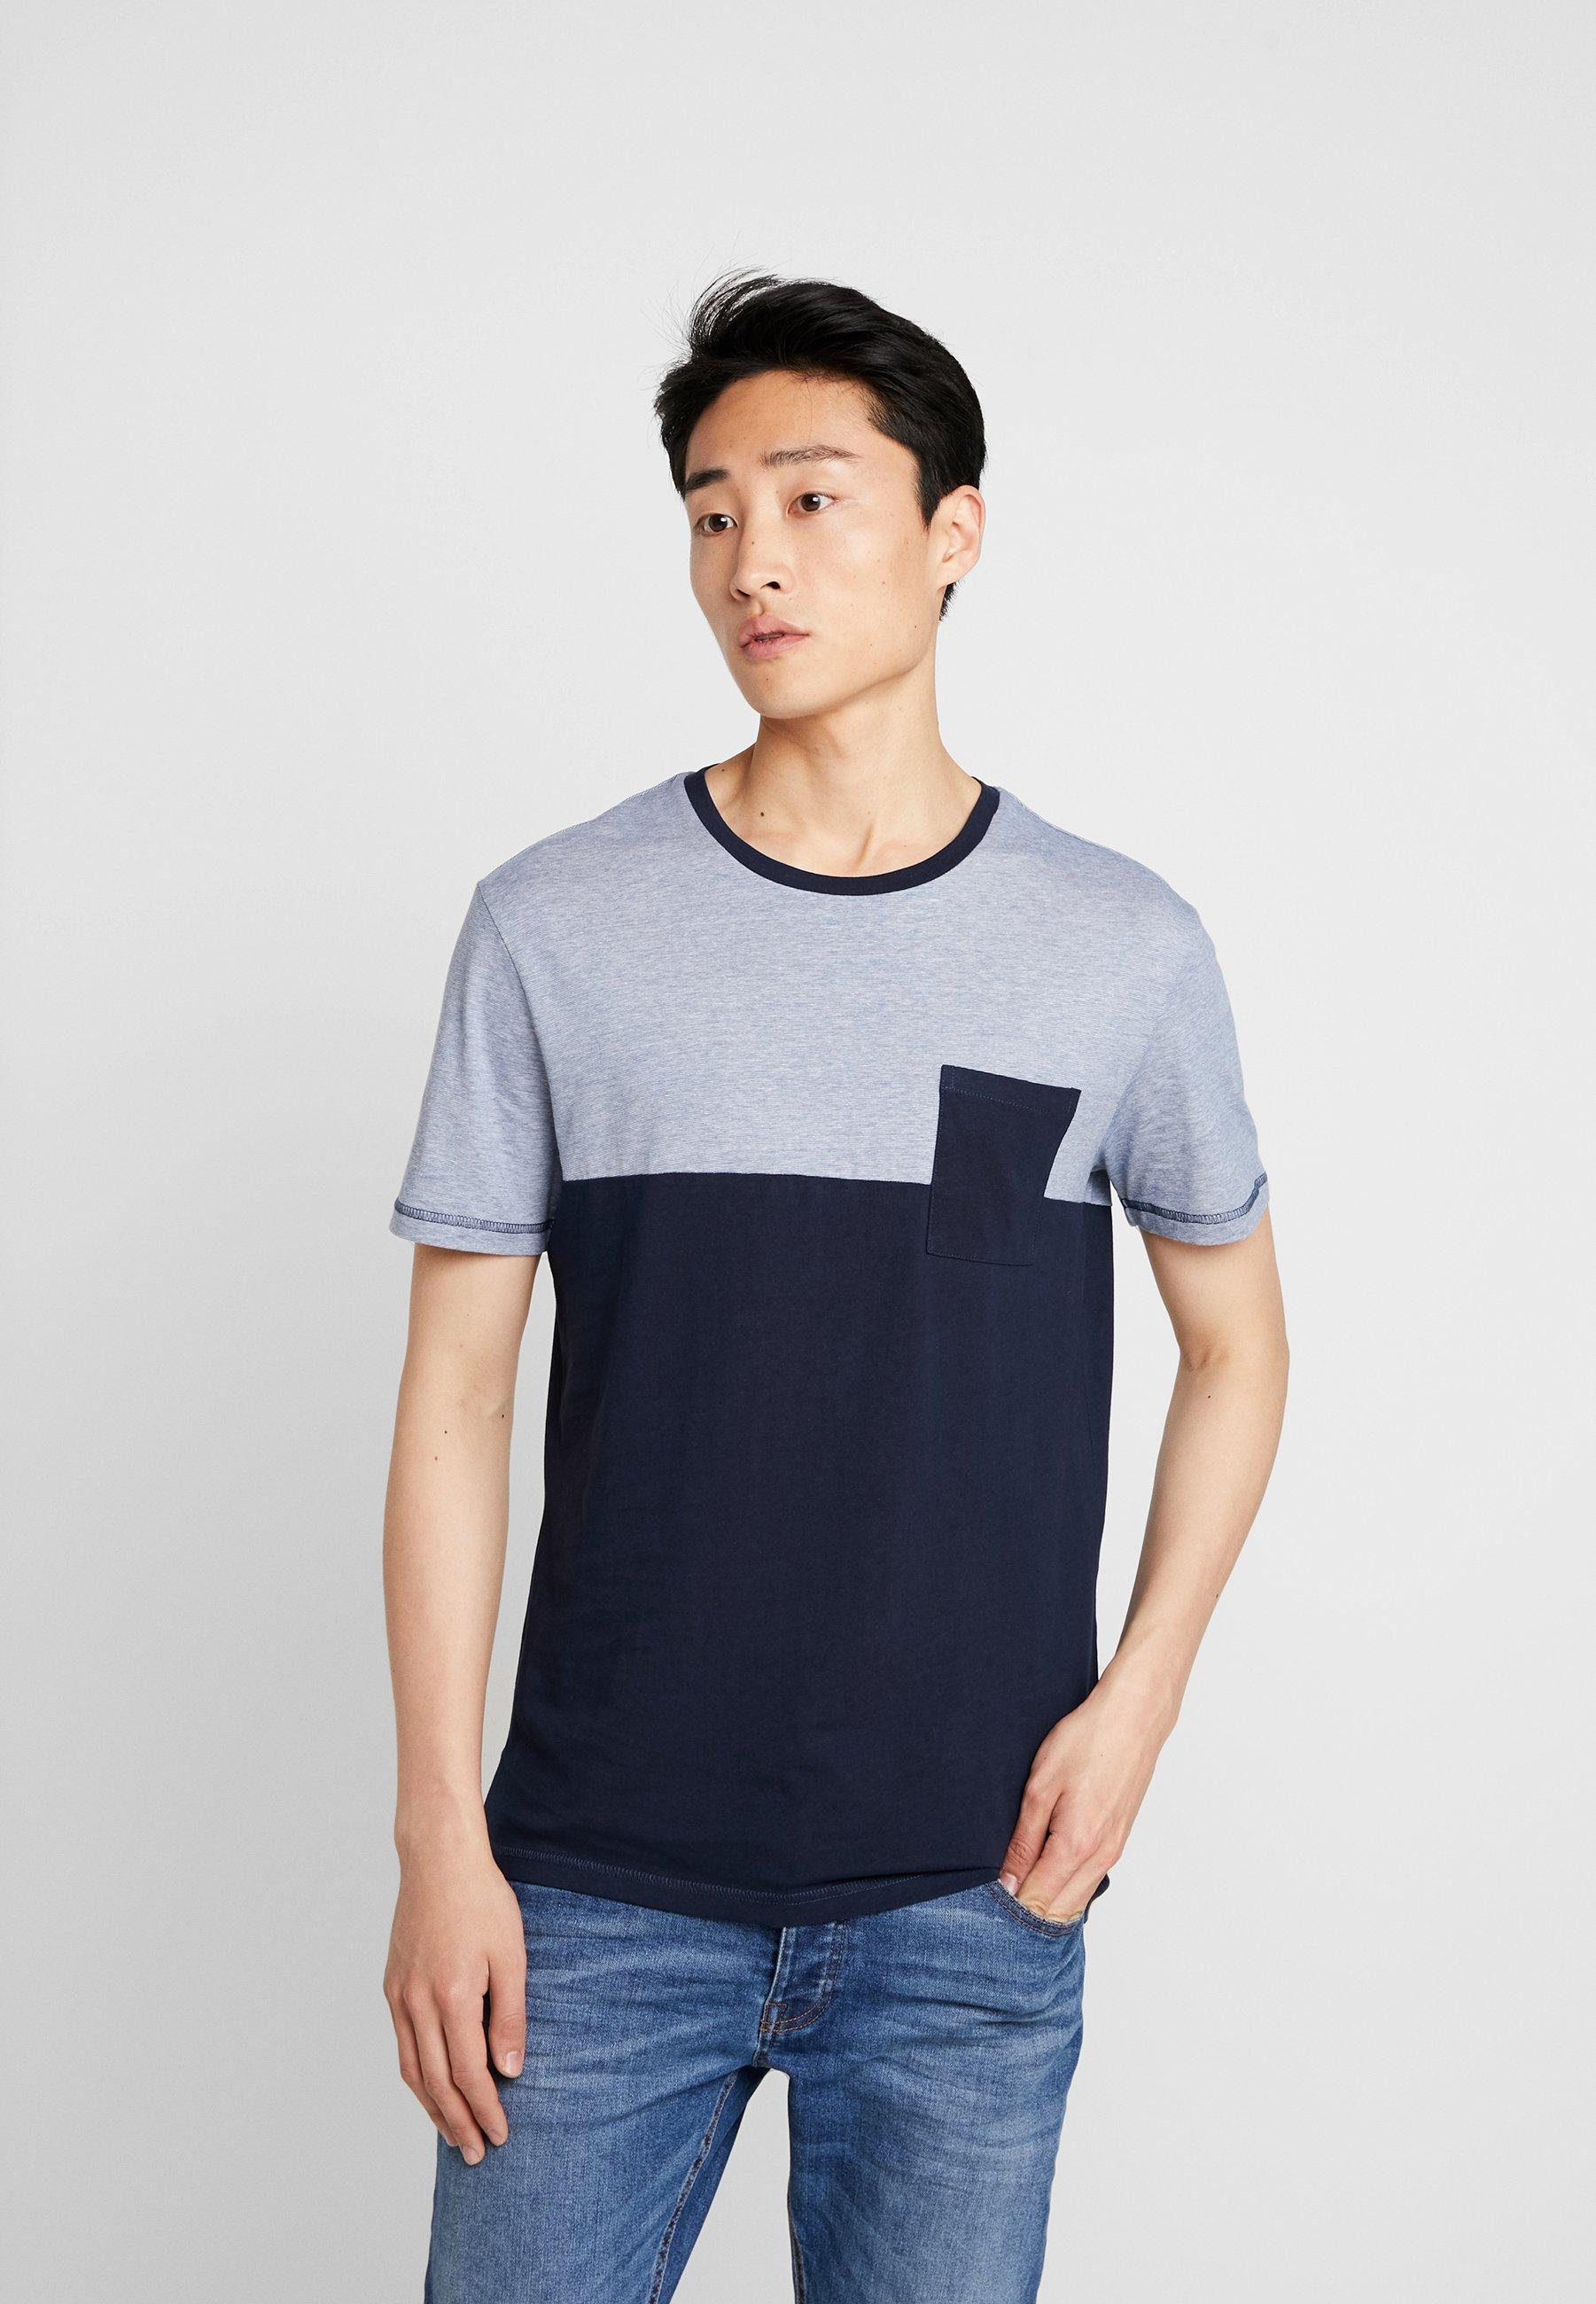 Pier T shirt ImpriméDark One Blue qVzMSpU